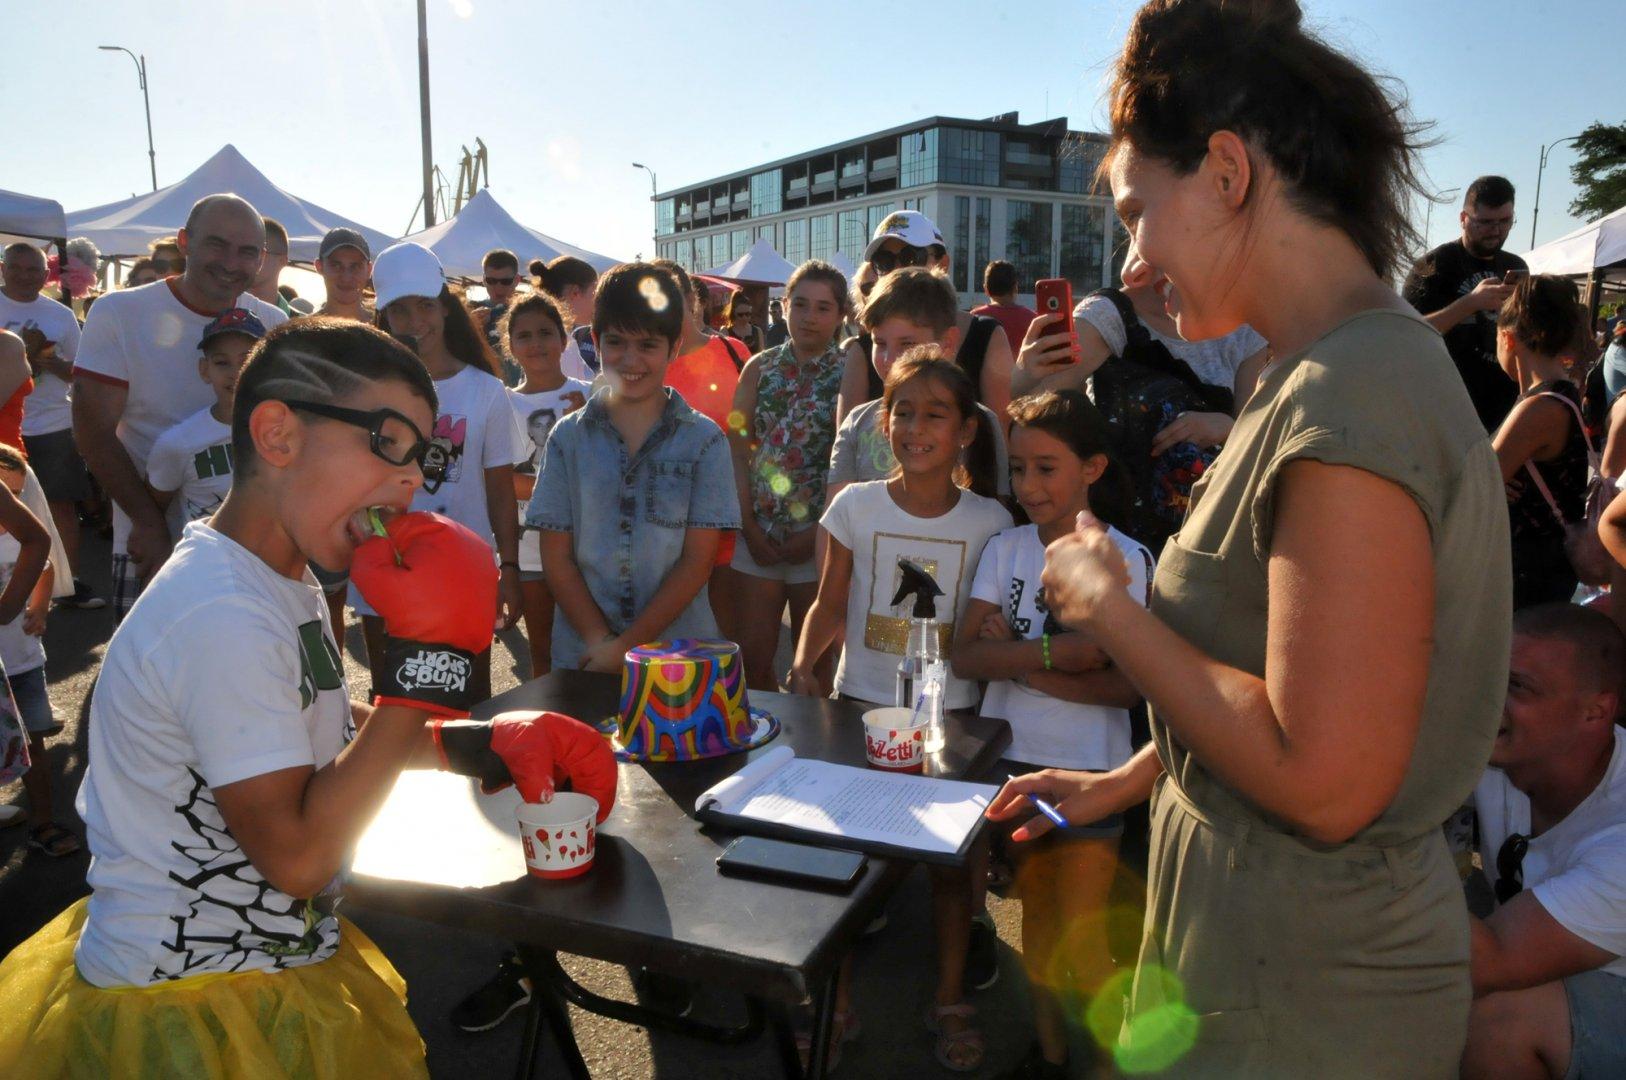 Със забавни игри стартира първият по рода си Фестивал на сладоледа в Бургас. Снимки Черноморие-бг